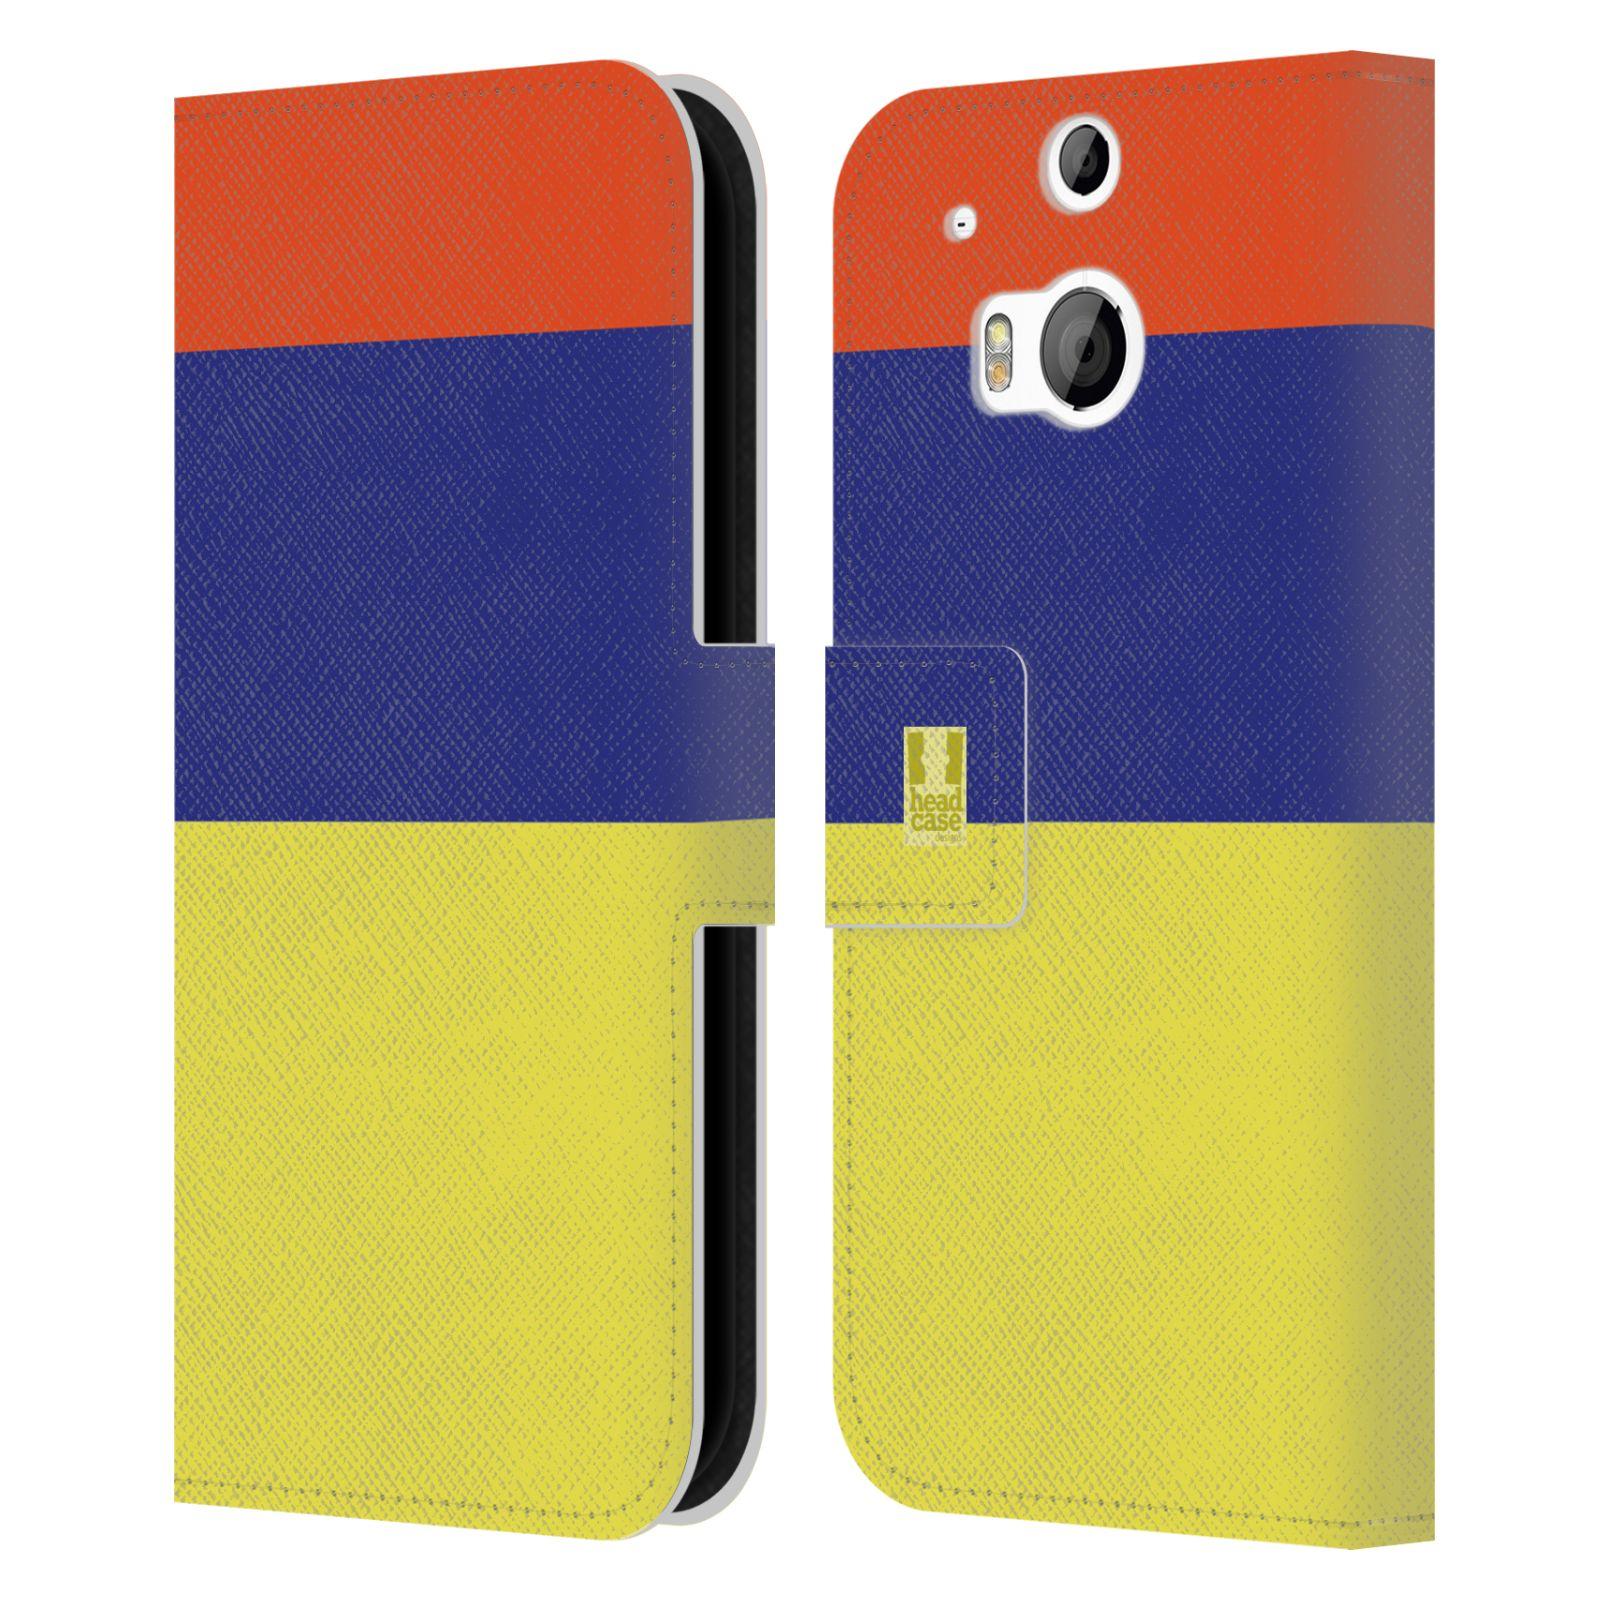 HEAD CASE Flipové pouzdro pro mobil HTC ONE M8/M8s barevné tvary žlutá, modrá, červená